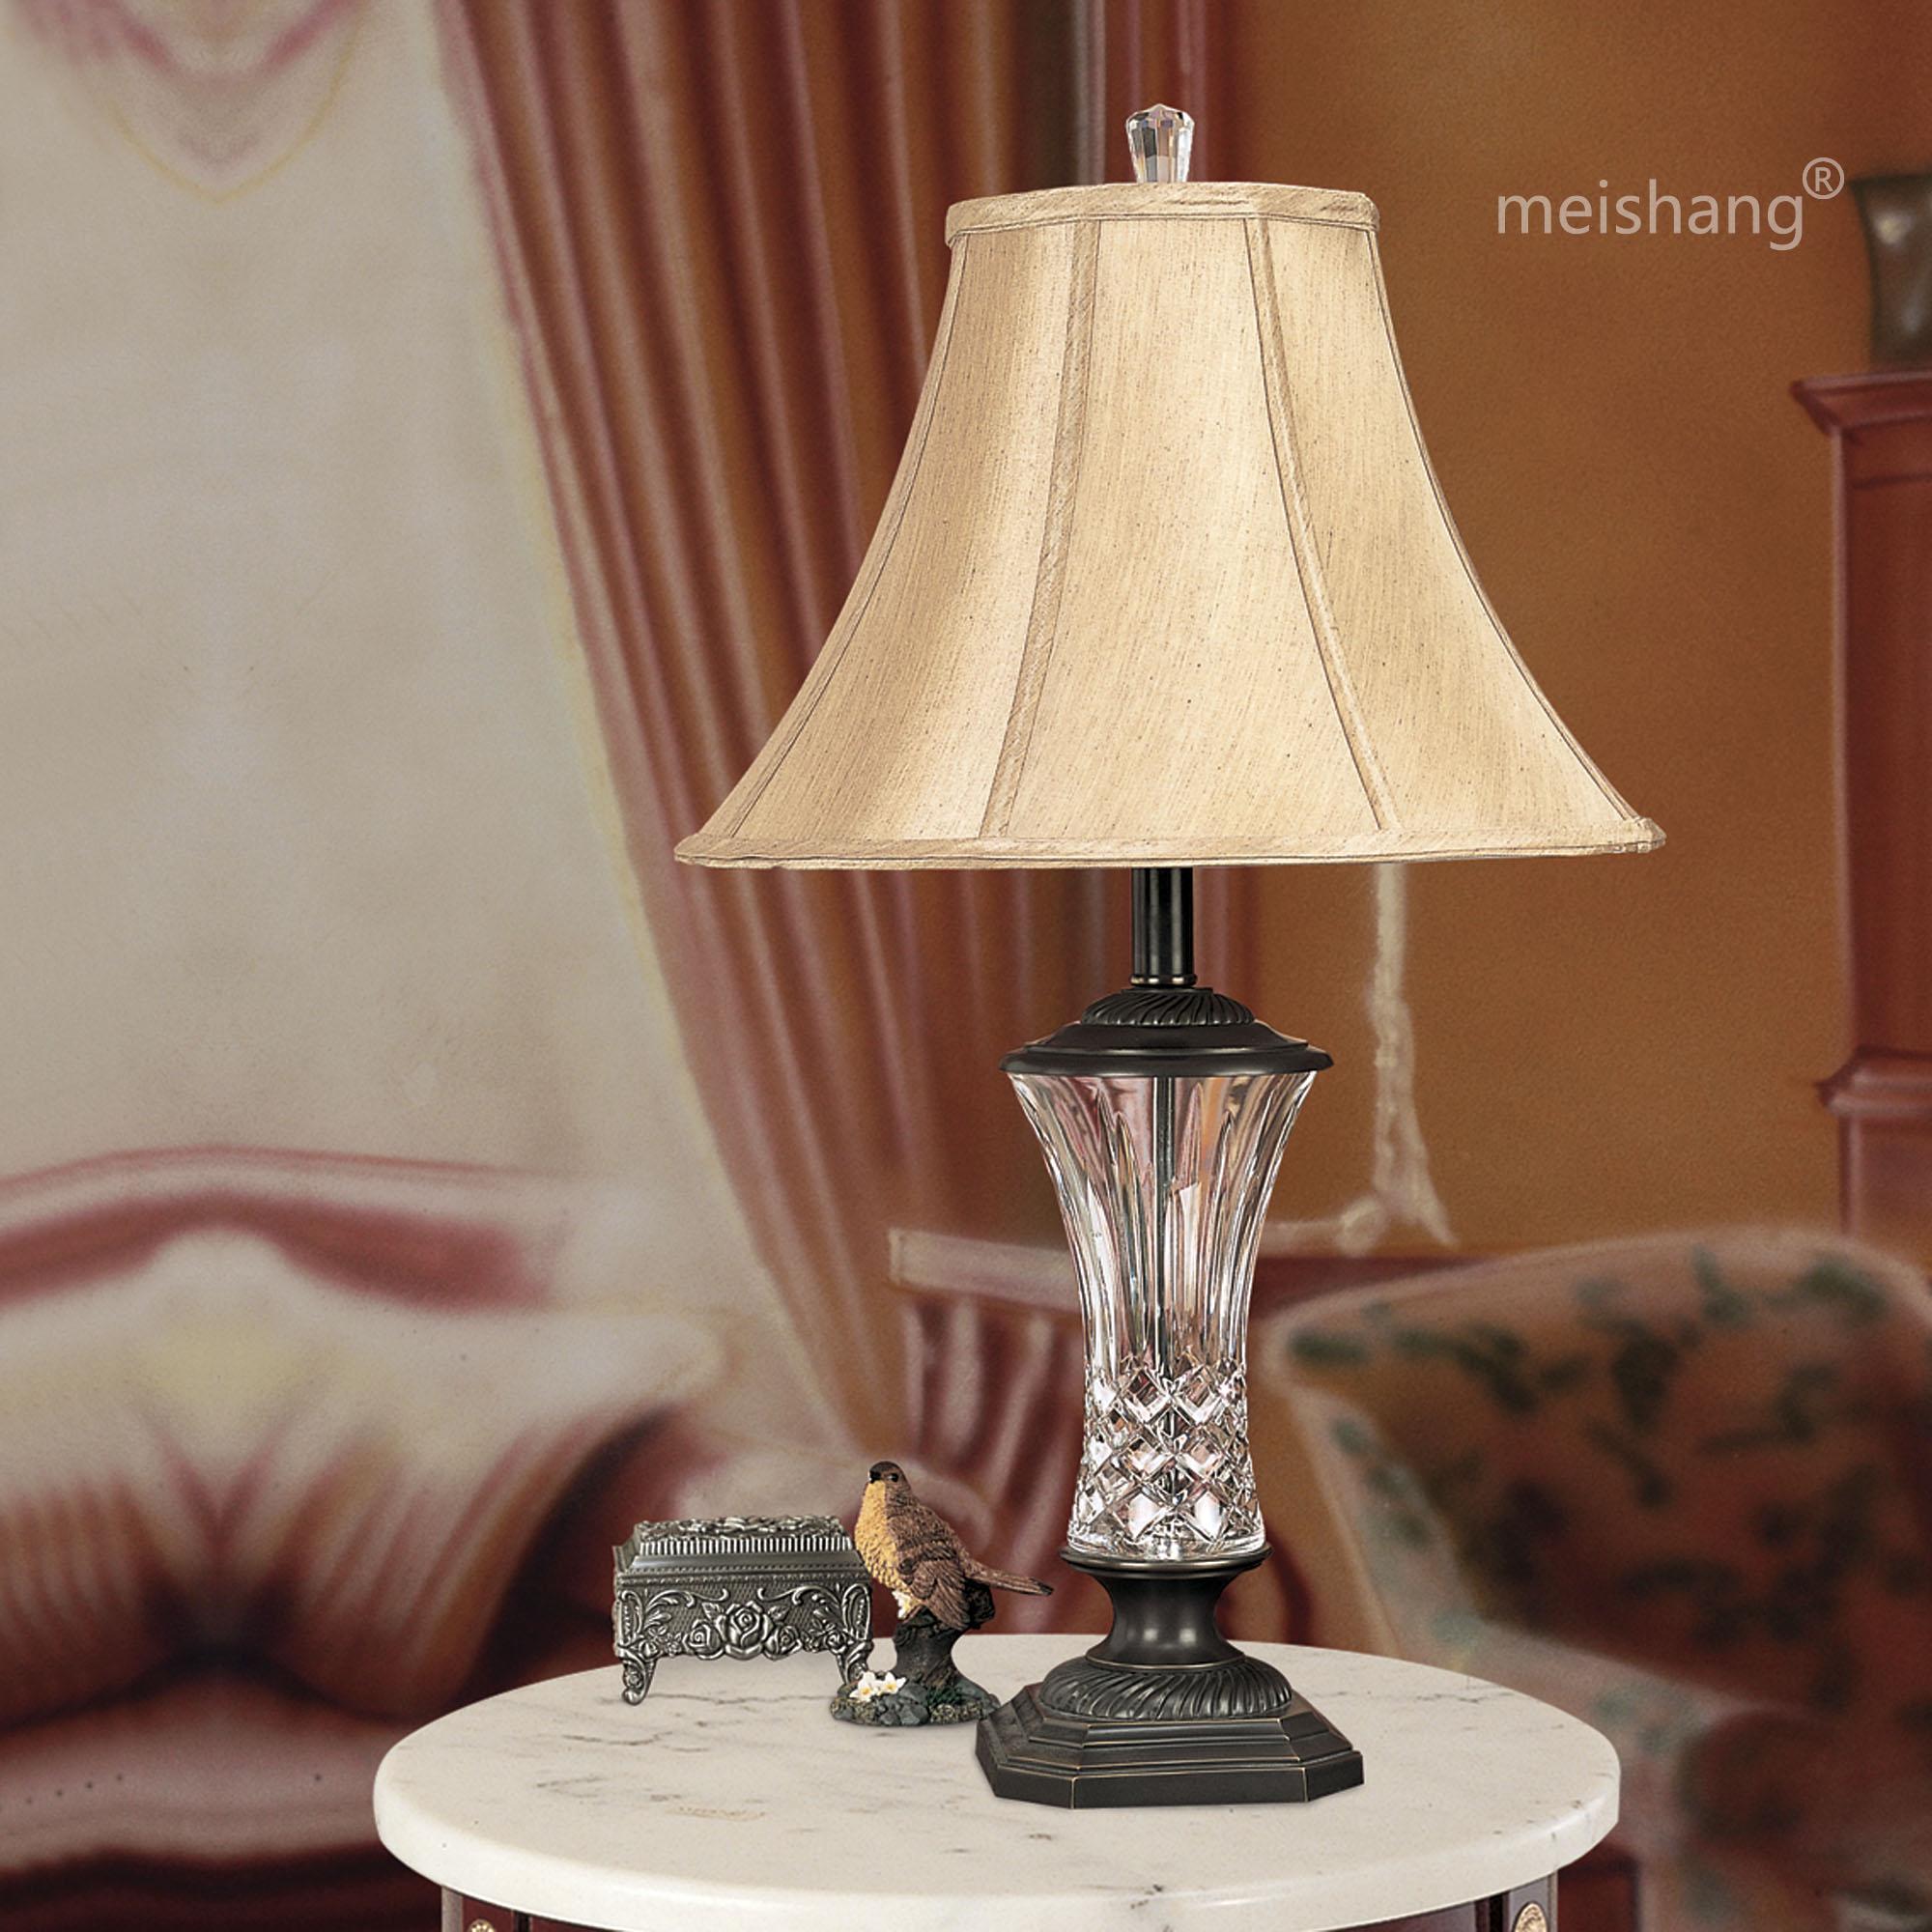 meishang现代美式全铜灯具 欧式客厅灯卧室灯床头灯玻璃台灯2410图片